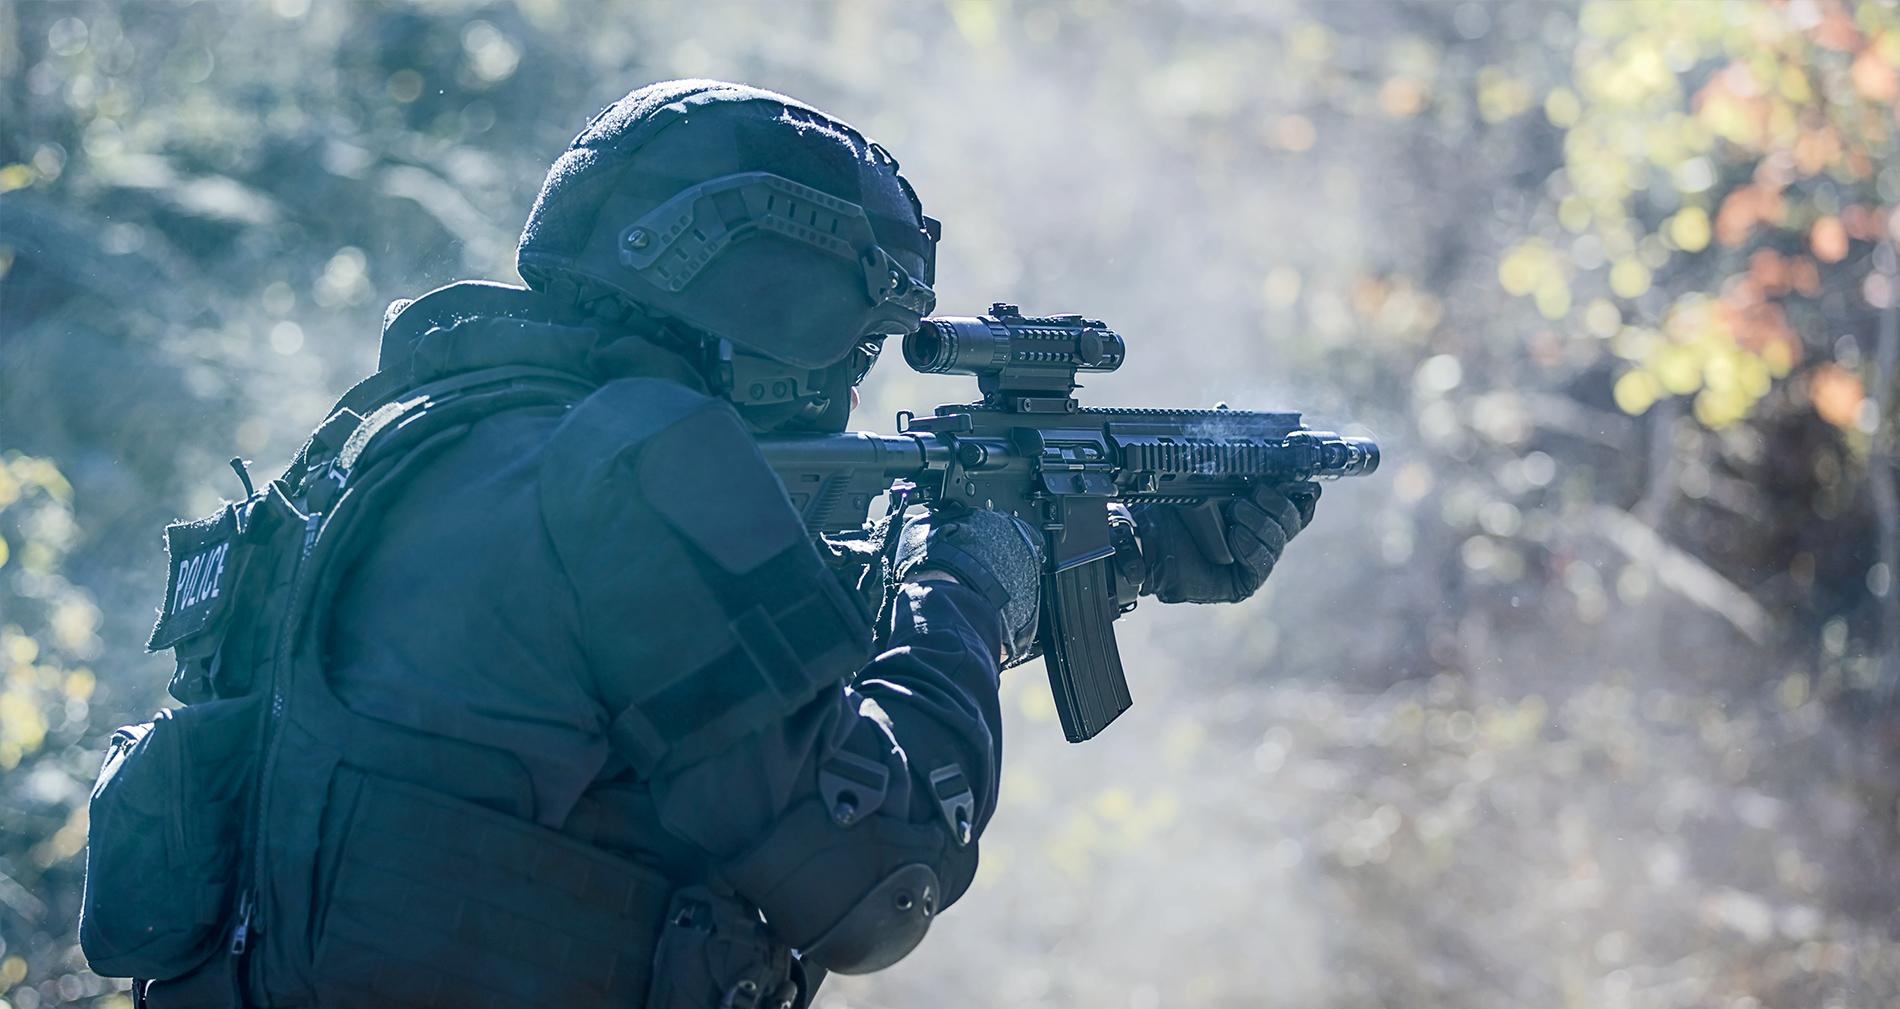 car-m415-556-devil-ray-swat-web.jpg